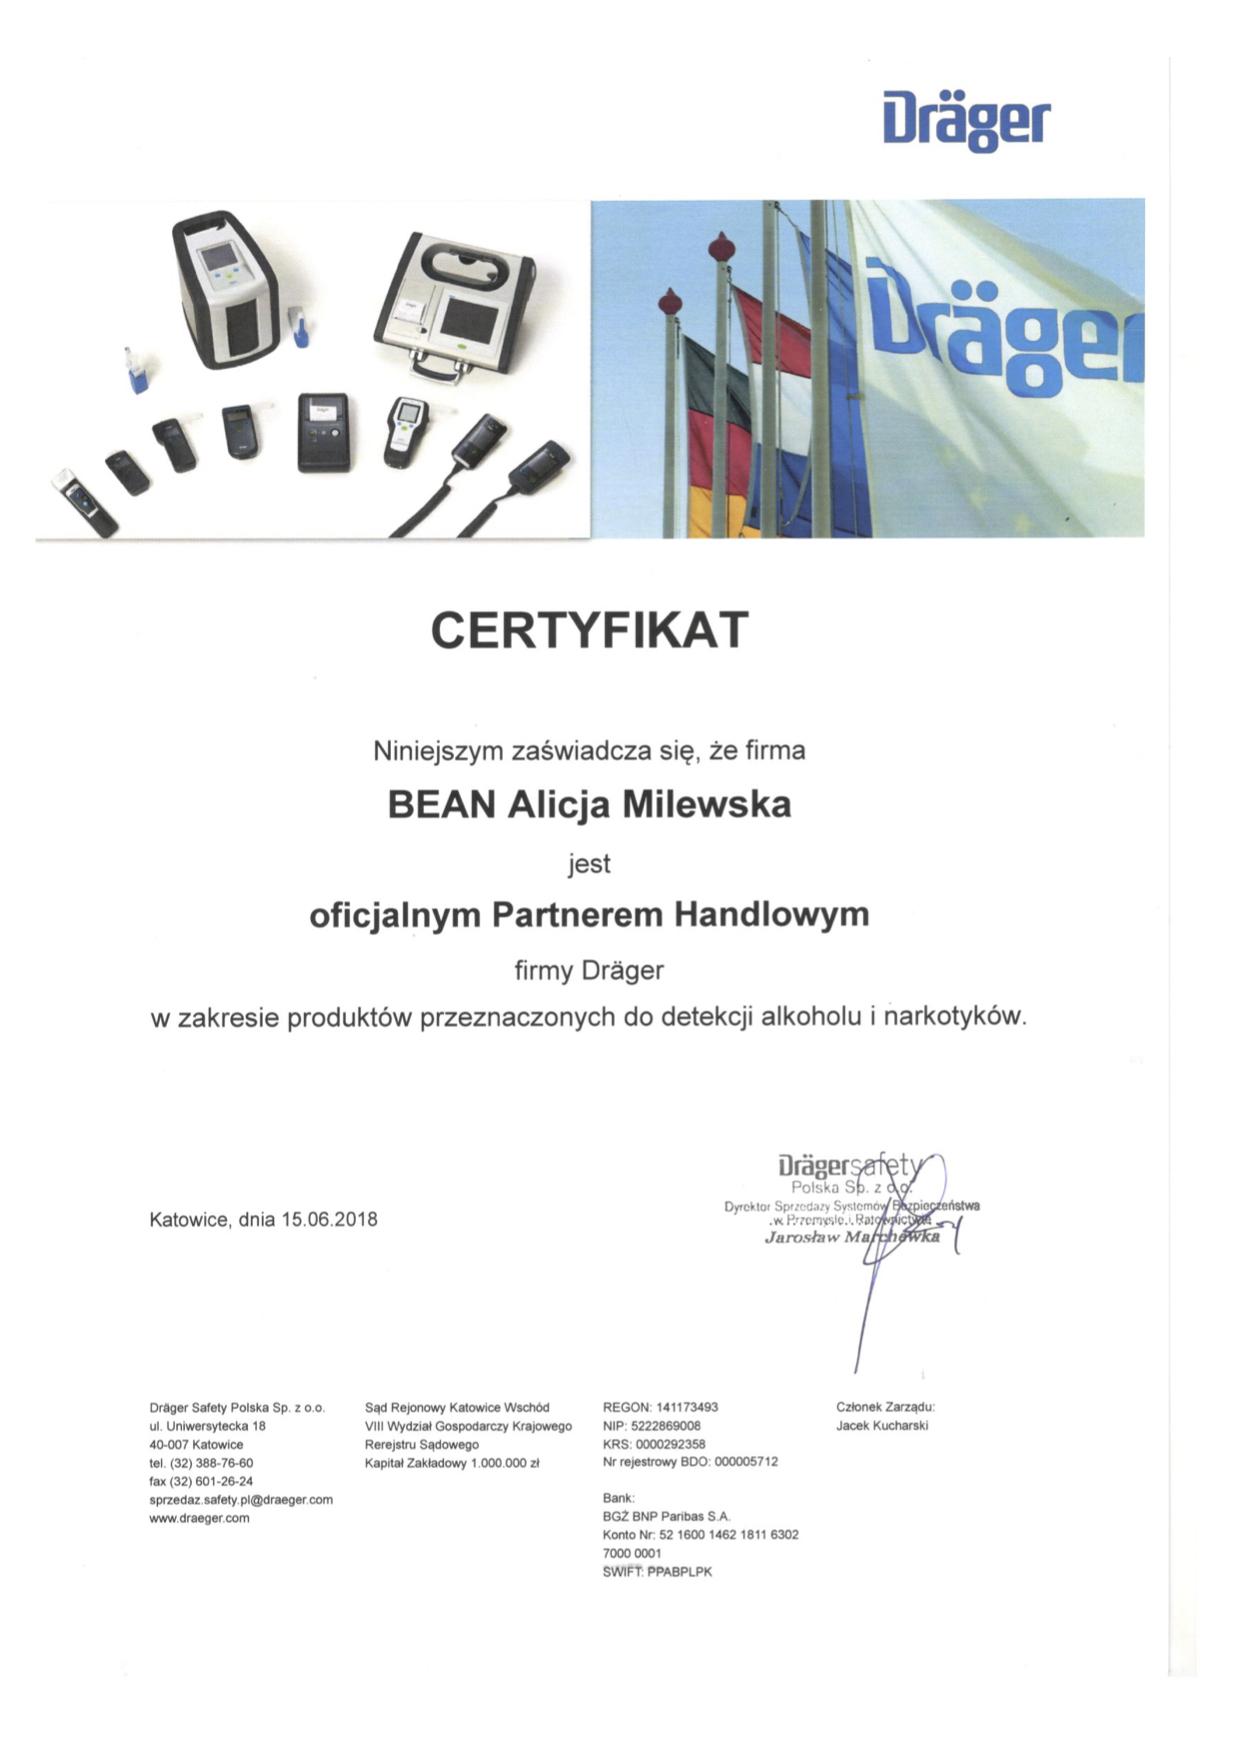 drager certyfikat 1.jpg